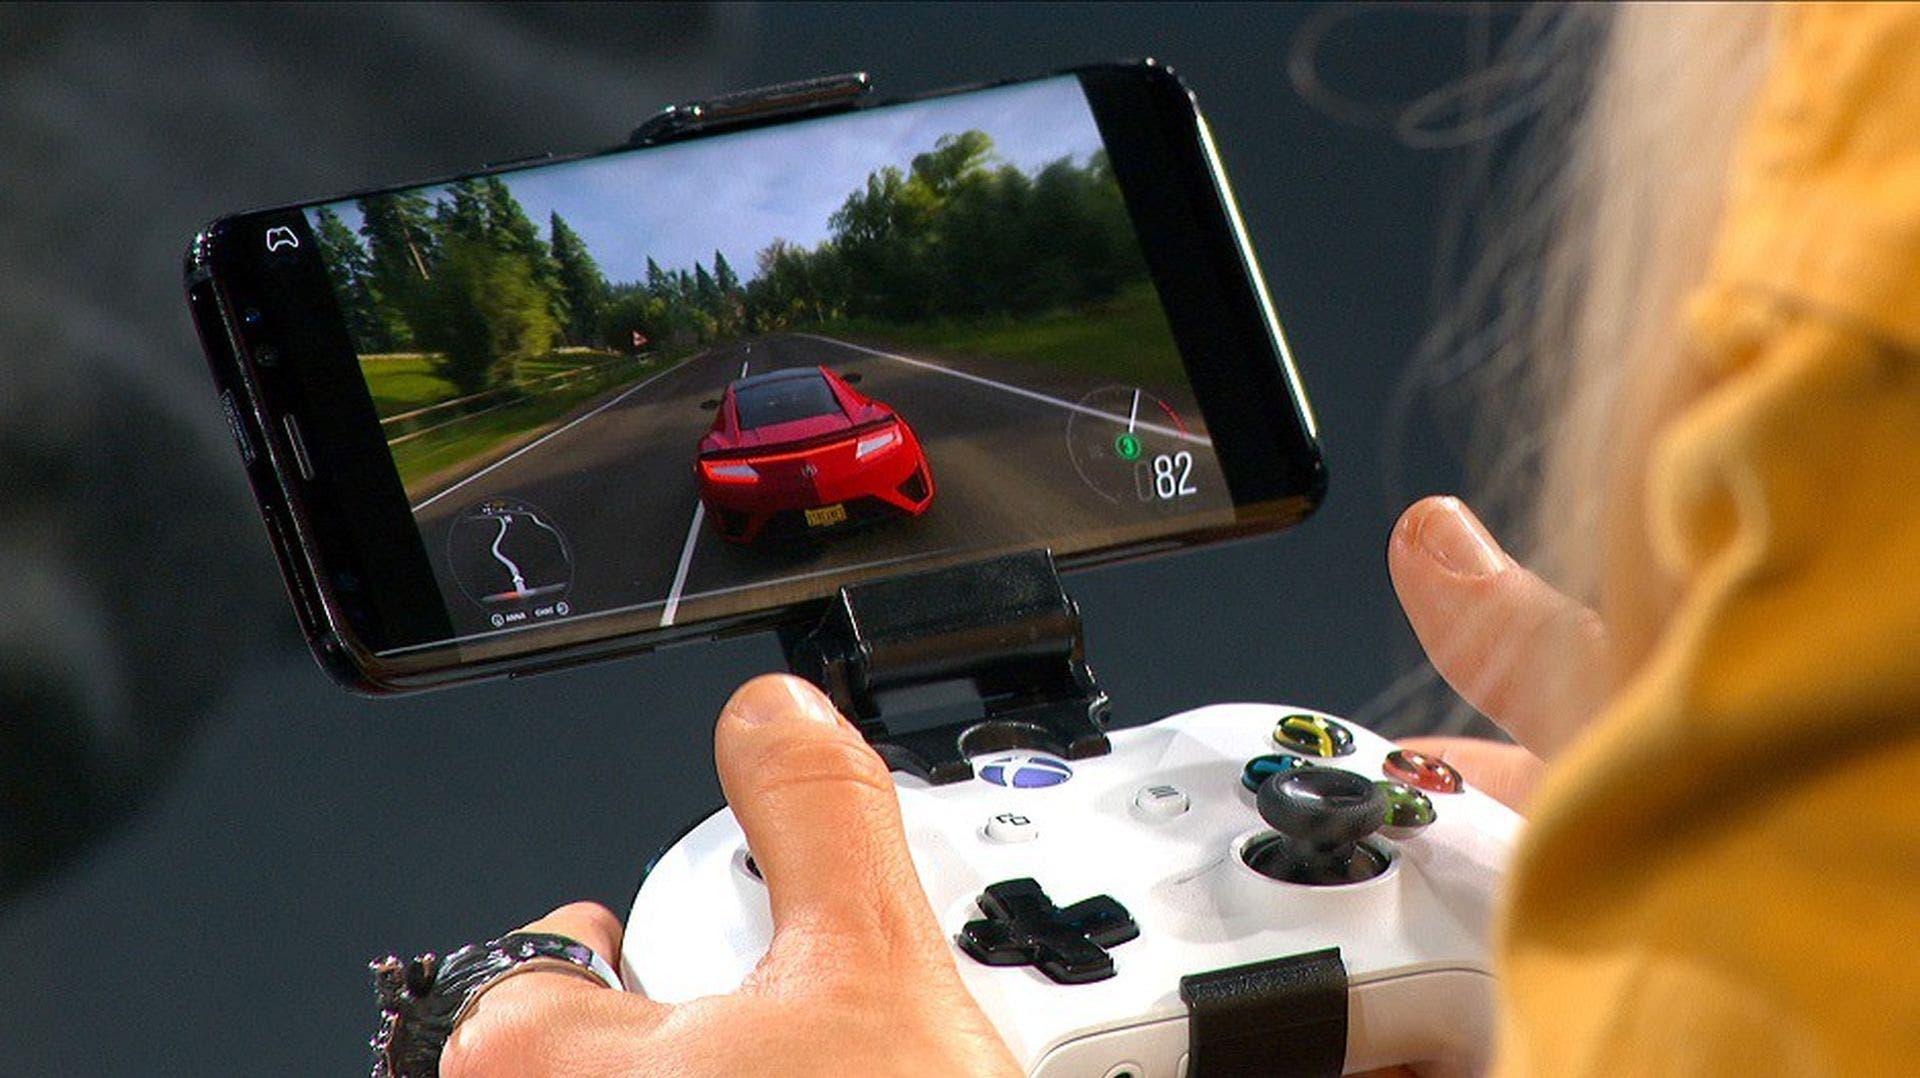 xbox-one-tendra-su-propio-remote-play-transmitir-juegos-otros-dispositivos